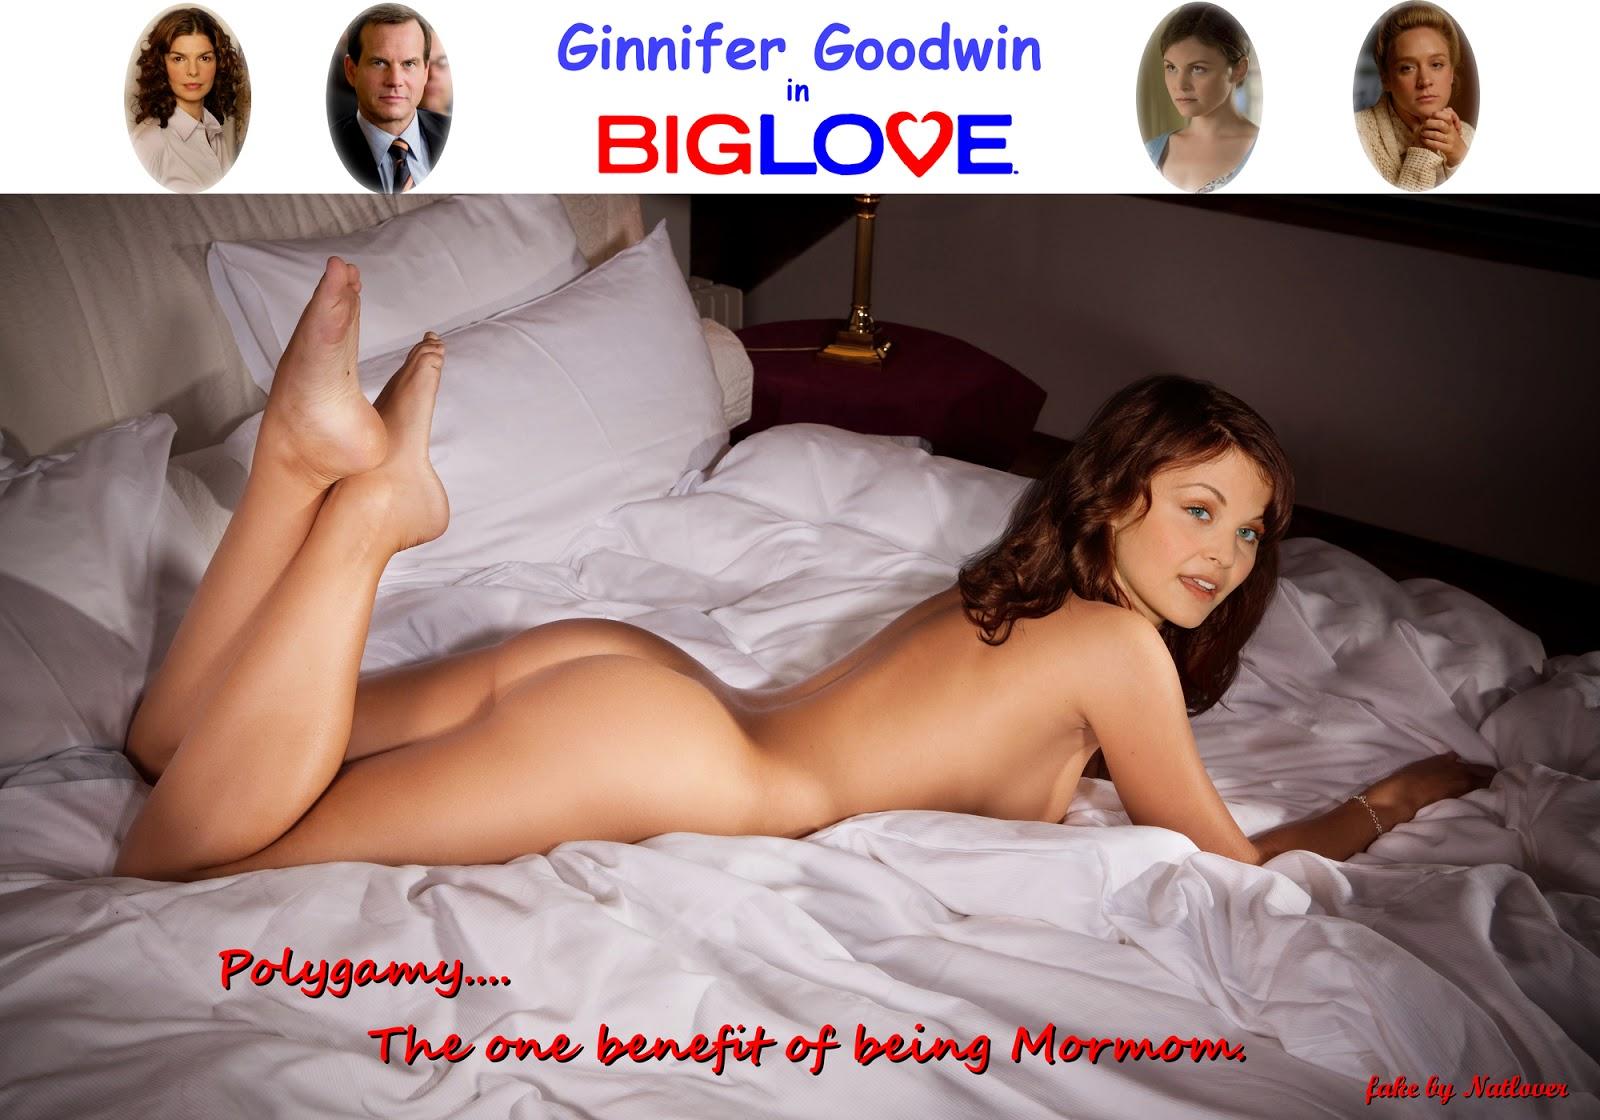 ginnifer goodwin naked